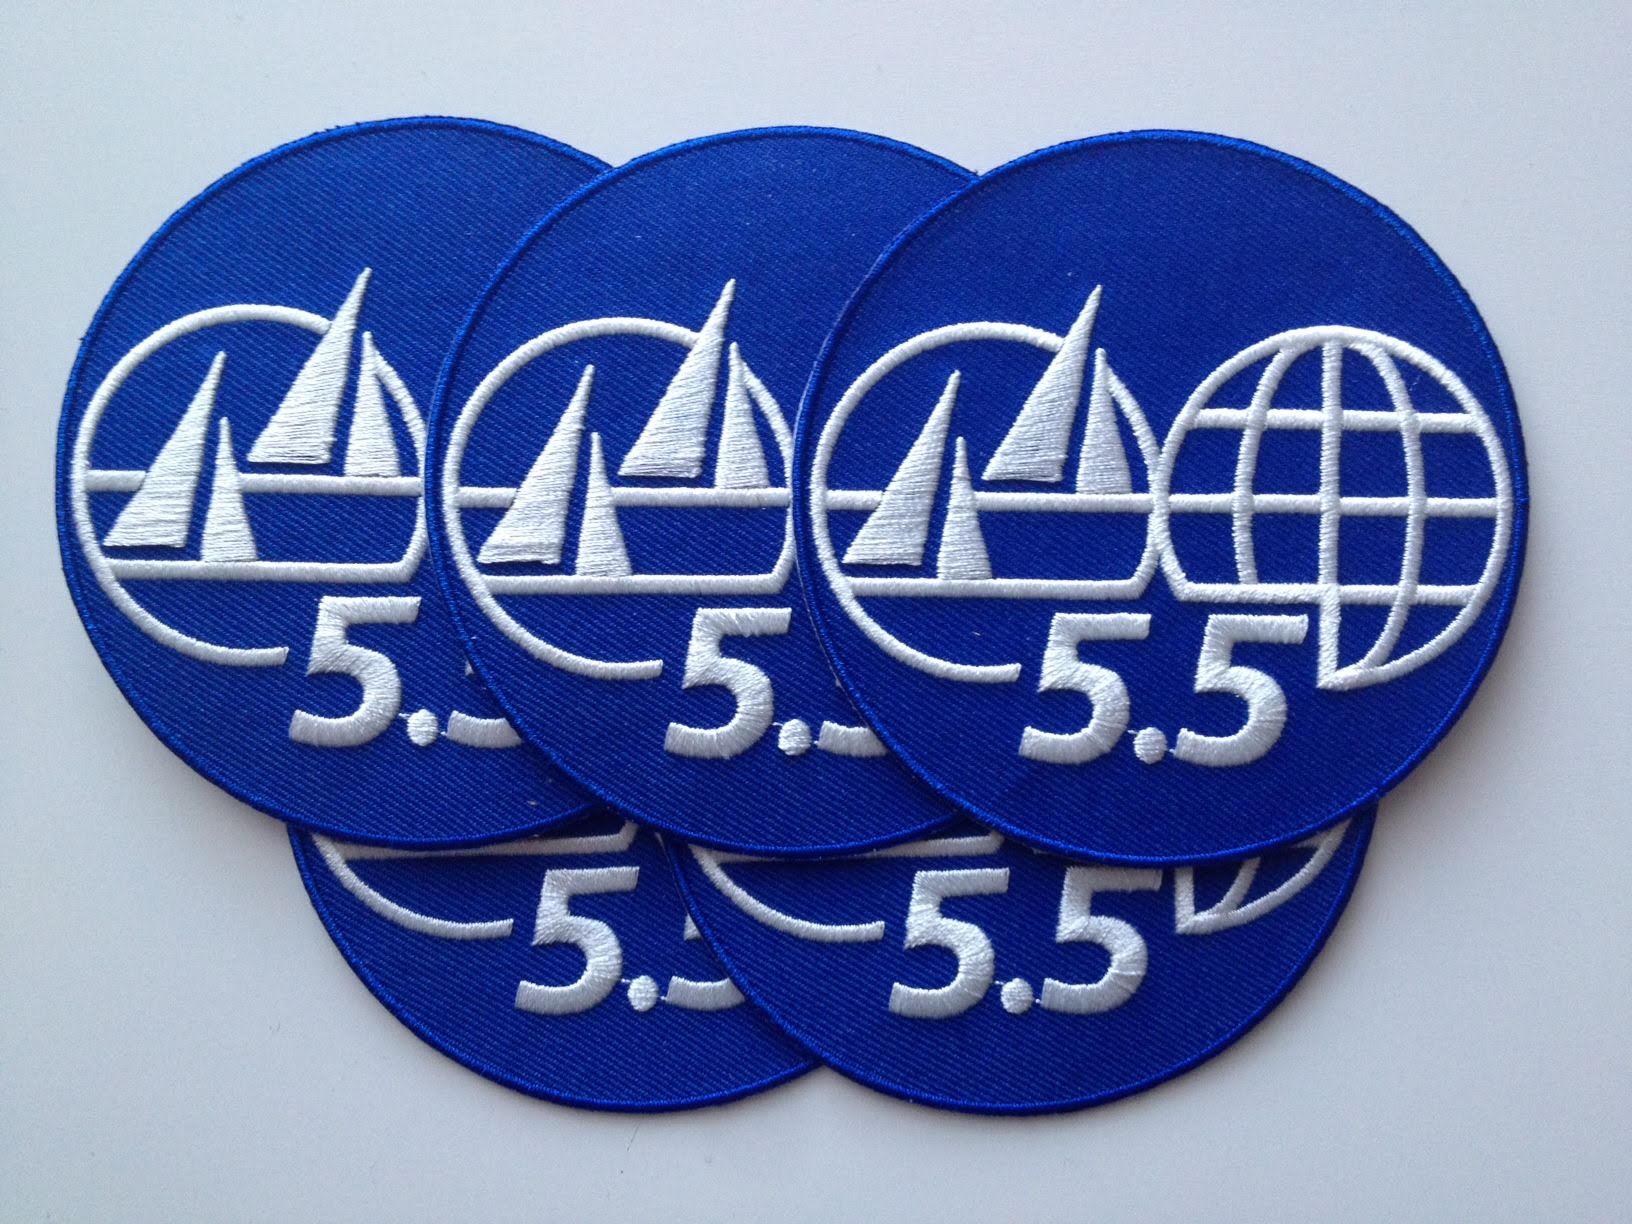 Hihamerkit - 5.5m -hihamerkkejä voi tilata yhdistykseltä. Hienot silittämällä kiinnitettävät merkit muistuttavat muita purjehtijoita siitä keillä on nopeimmat veneet, eivätkä edes vaadi reikien tekemistä purjehdusvaatteisiin kiinnitettäessä. Hinta 7 eur/kpl.